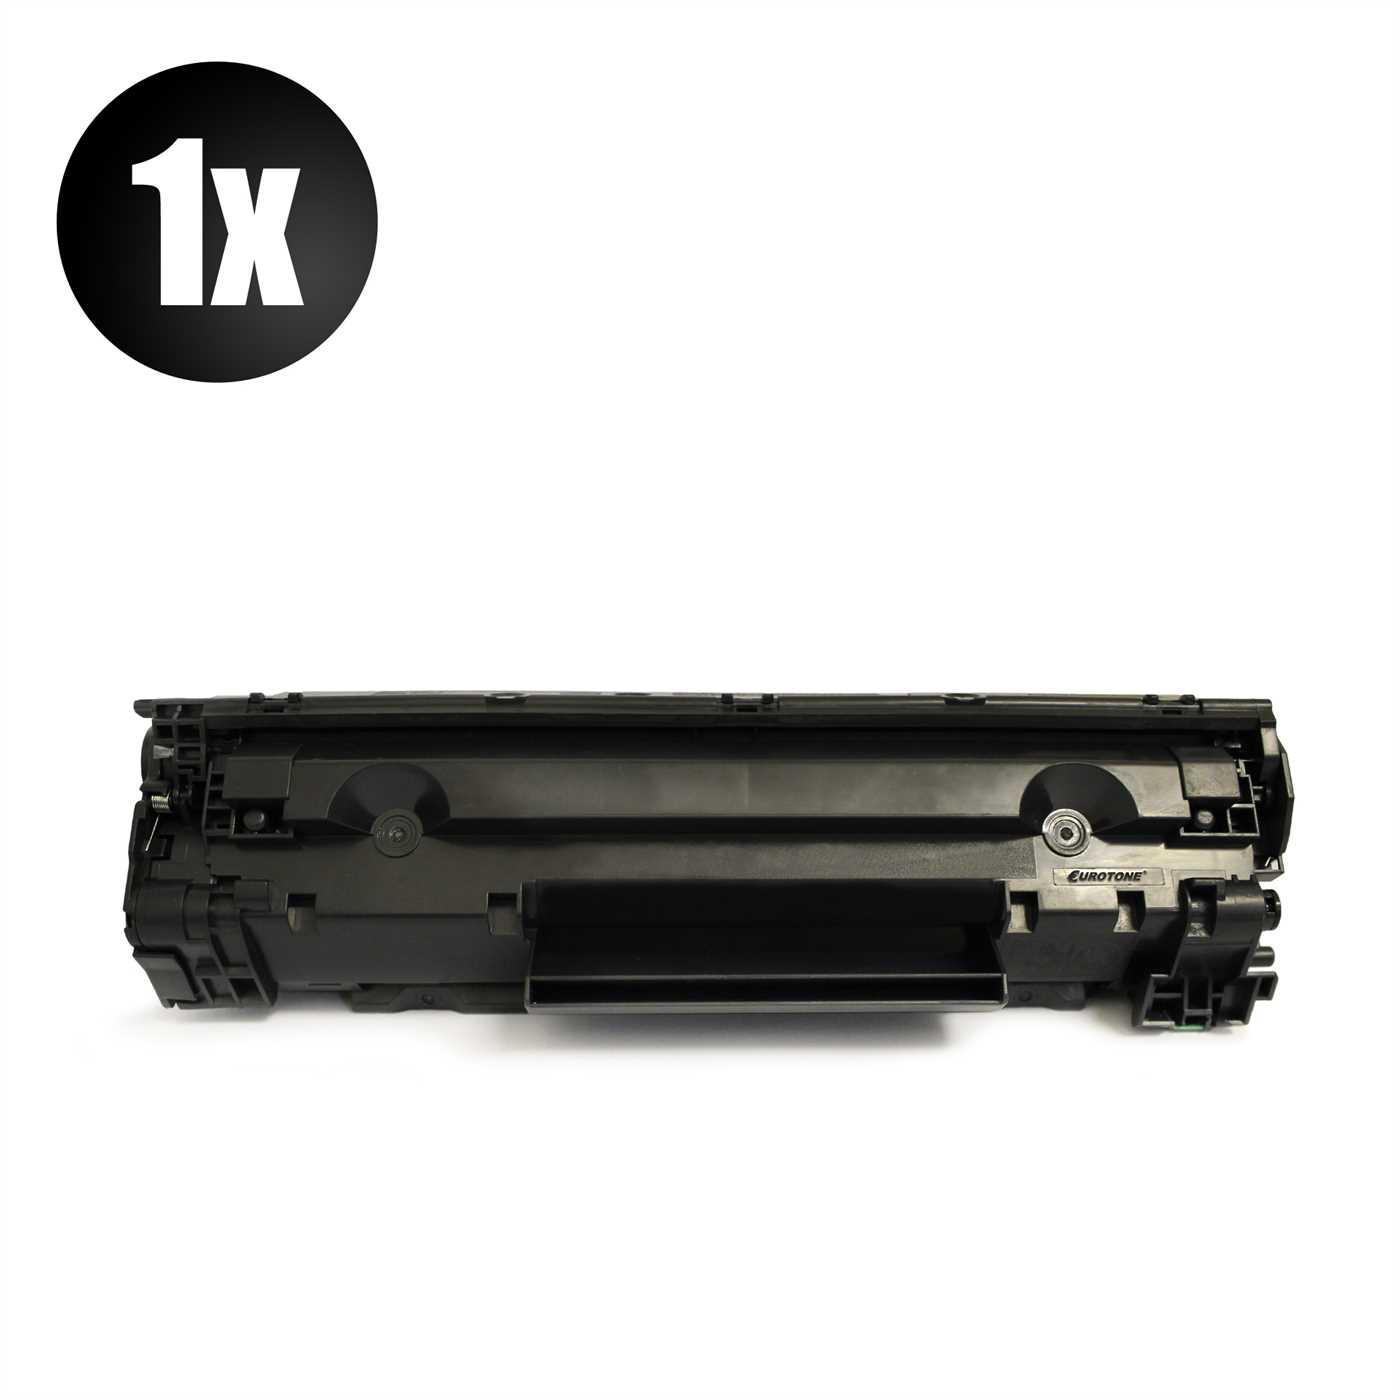 thumbnail 3 - Prime Toner / Chip for Canon I-Sensys L-170 L-150 L-410 MF-4770-n MF-4580-dn